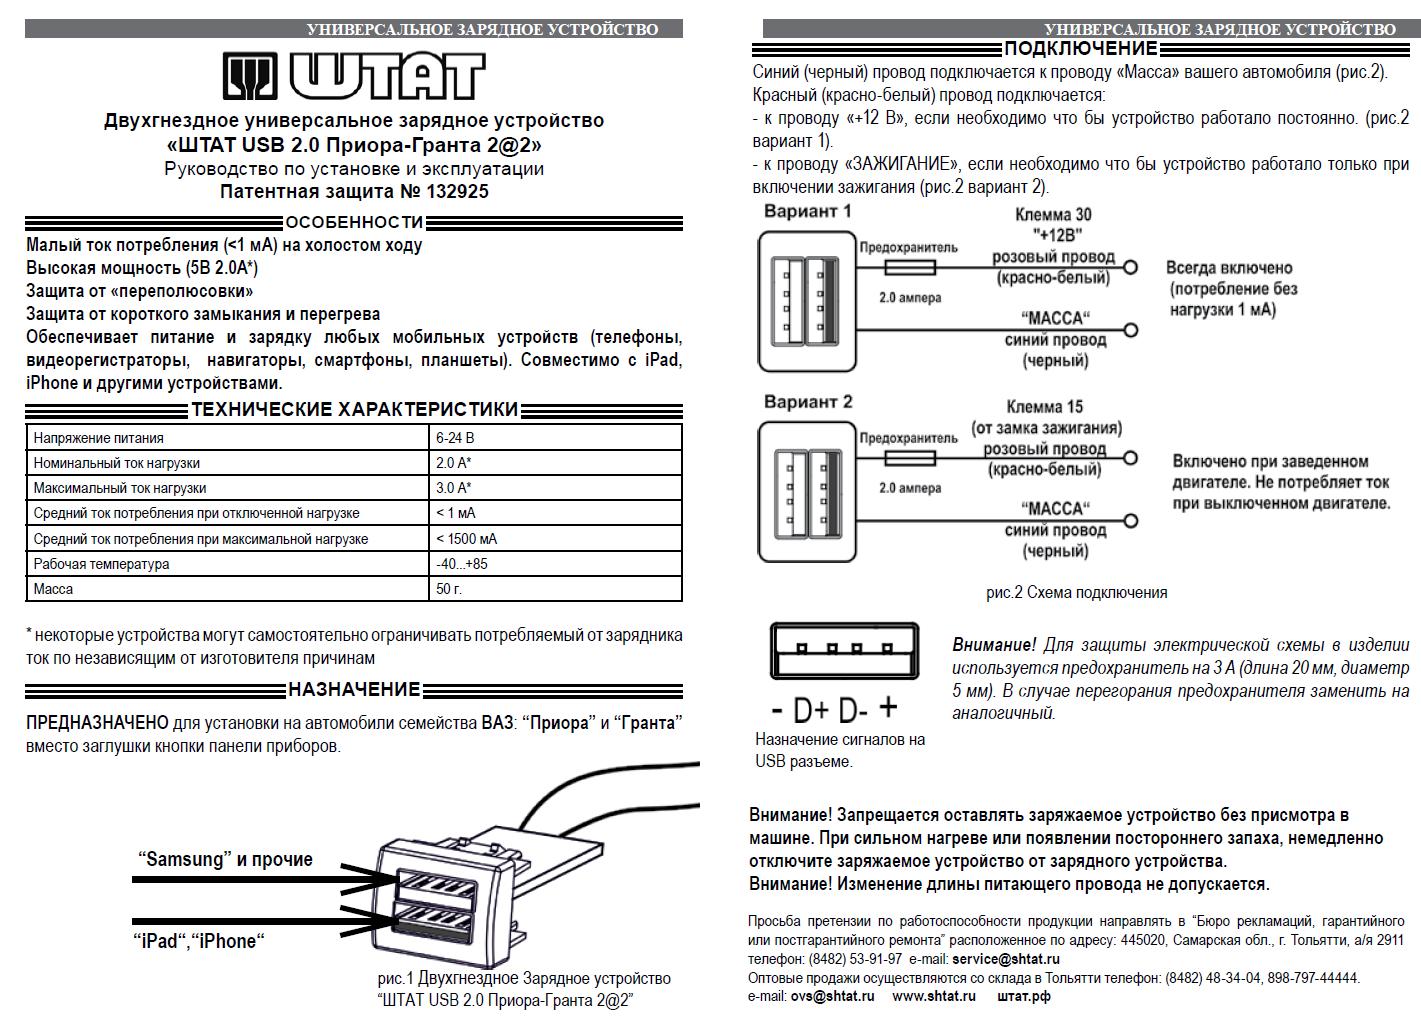 Зарядное устройство Lada Granta - Штат USB 2.0 3A